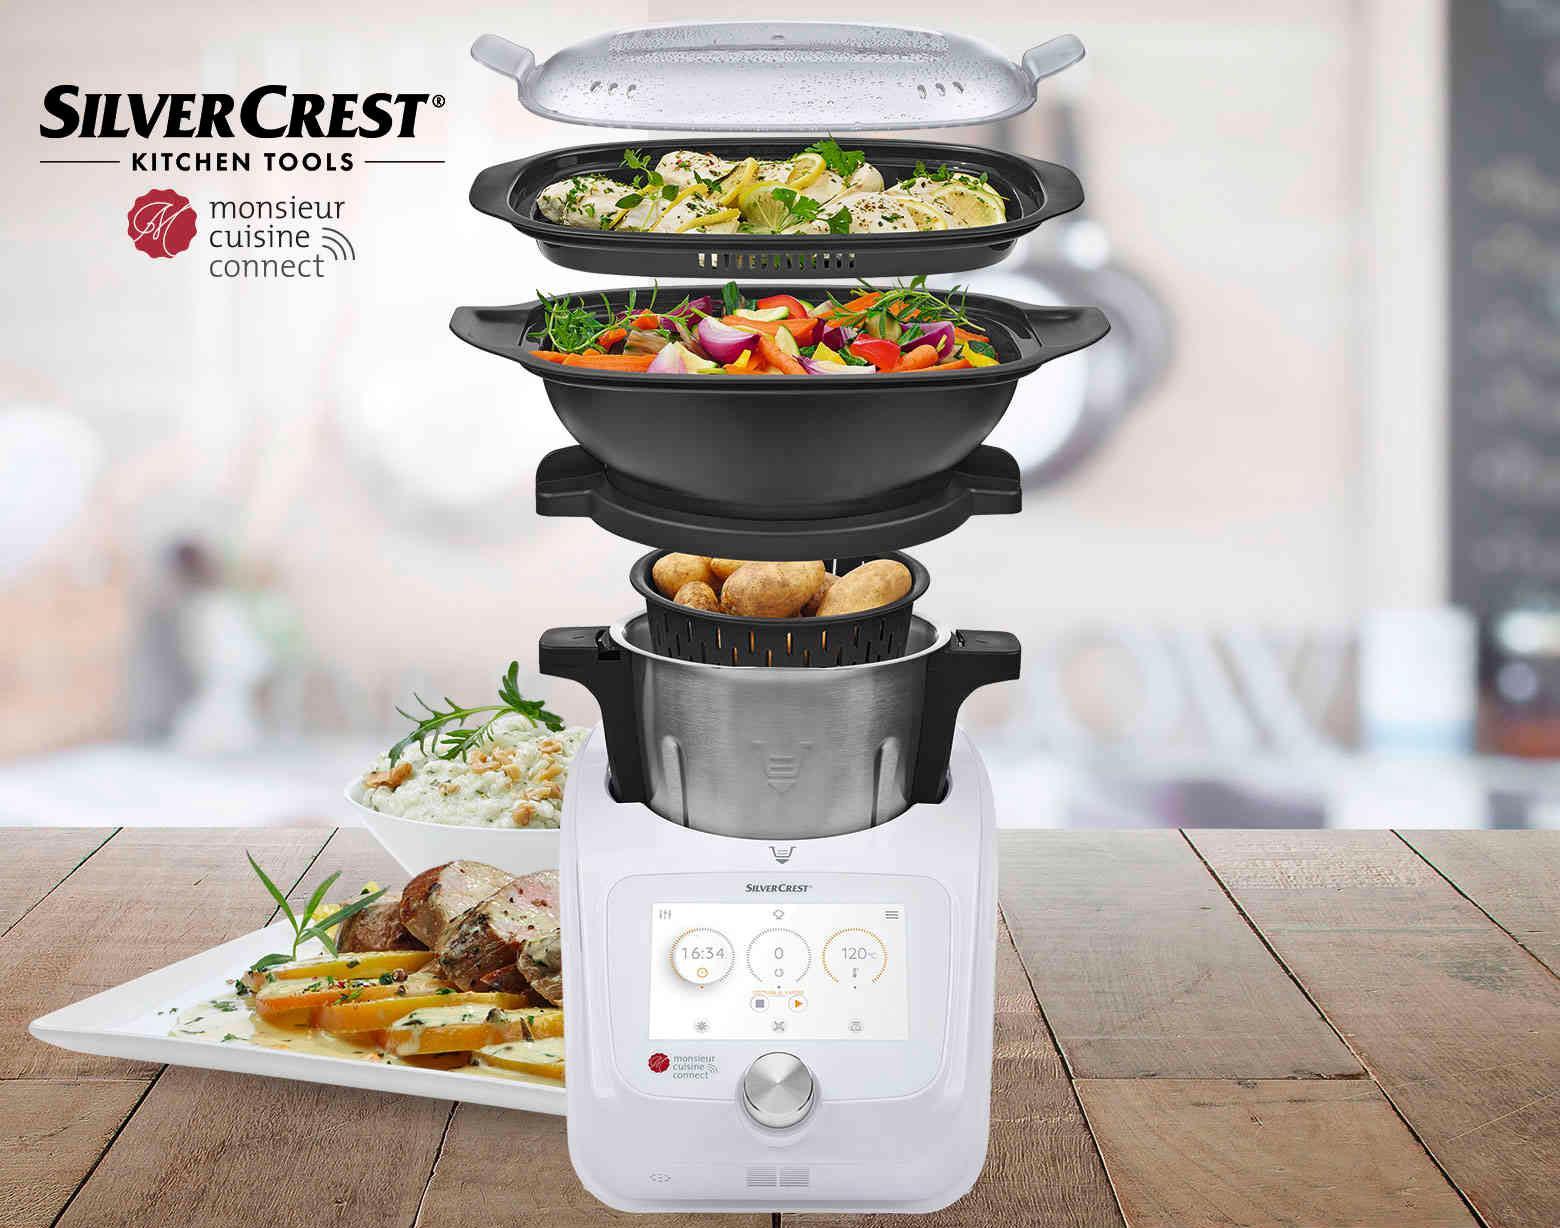 el robot de cocina de lidl la thermomix barata merece